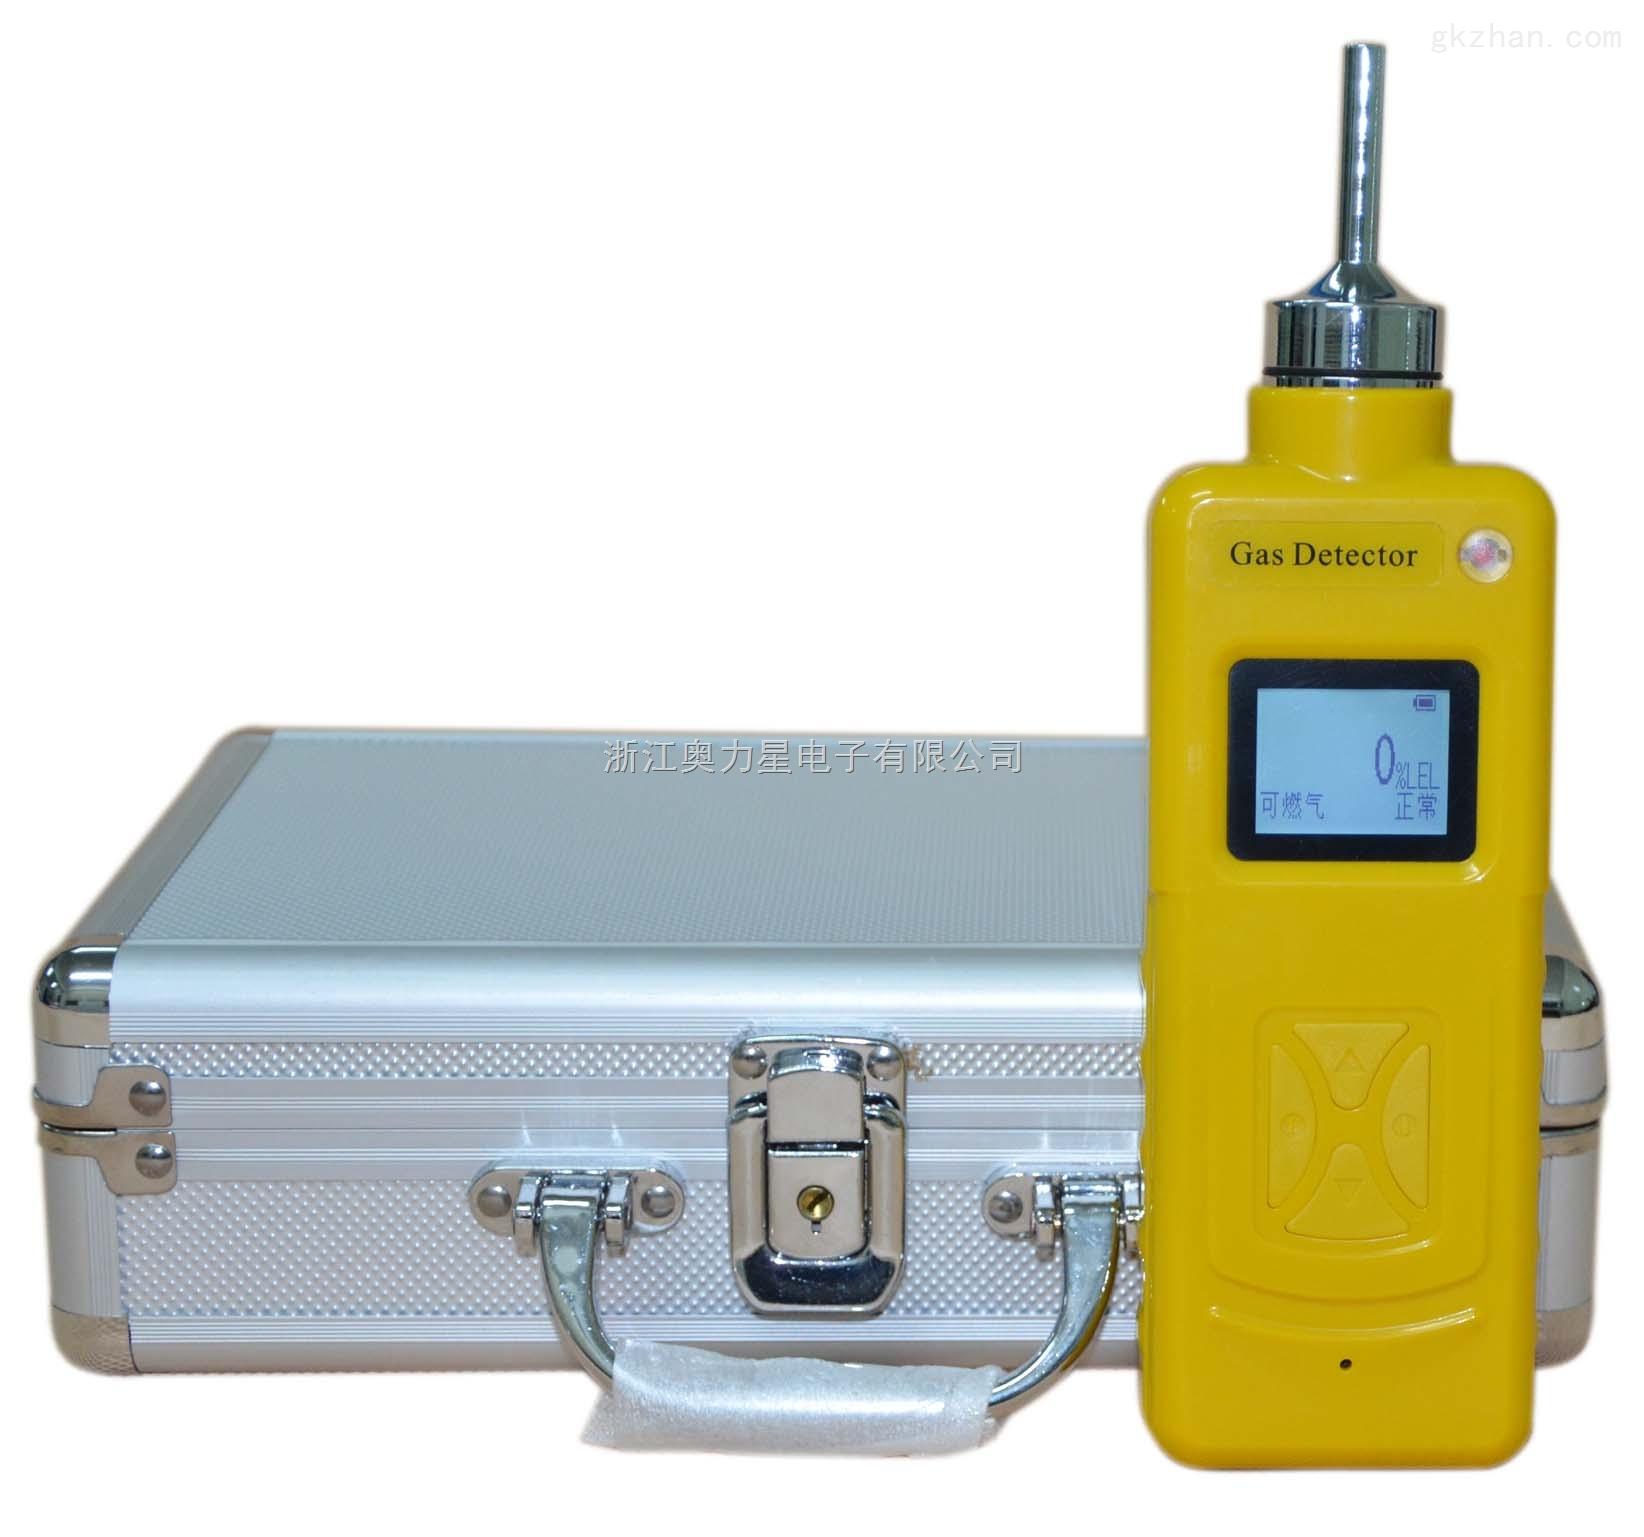 防爆便携式二氧化碳报警仪